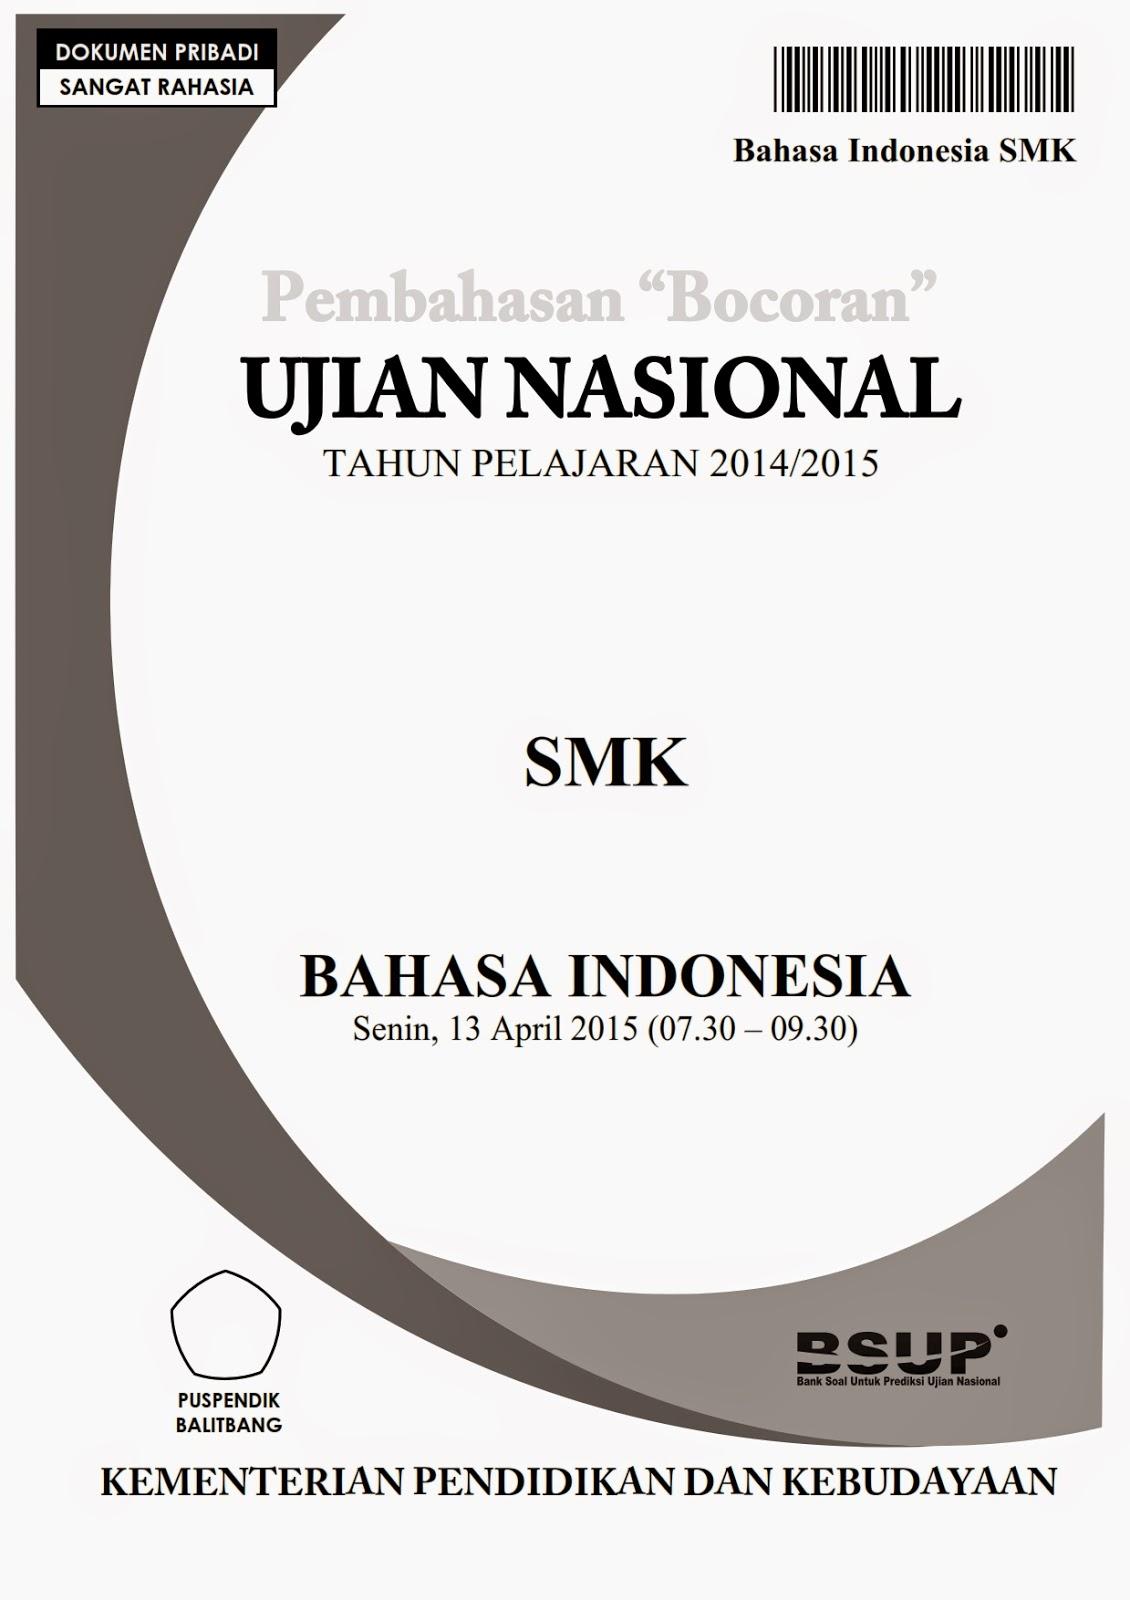 Pembahasan Bocoran Soal Un Bahasa Indonesia Smk 2015